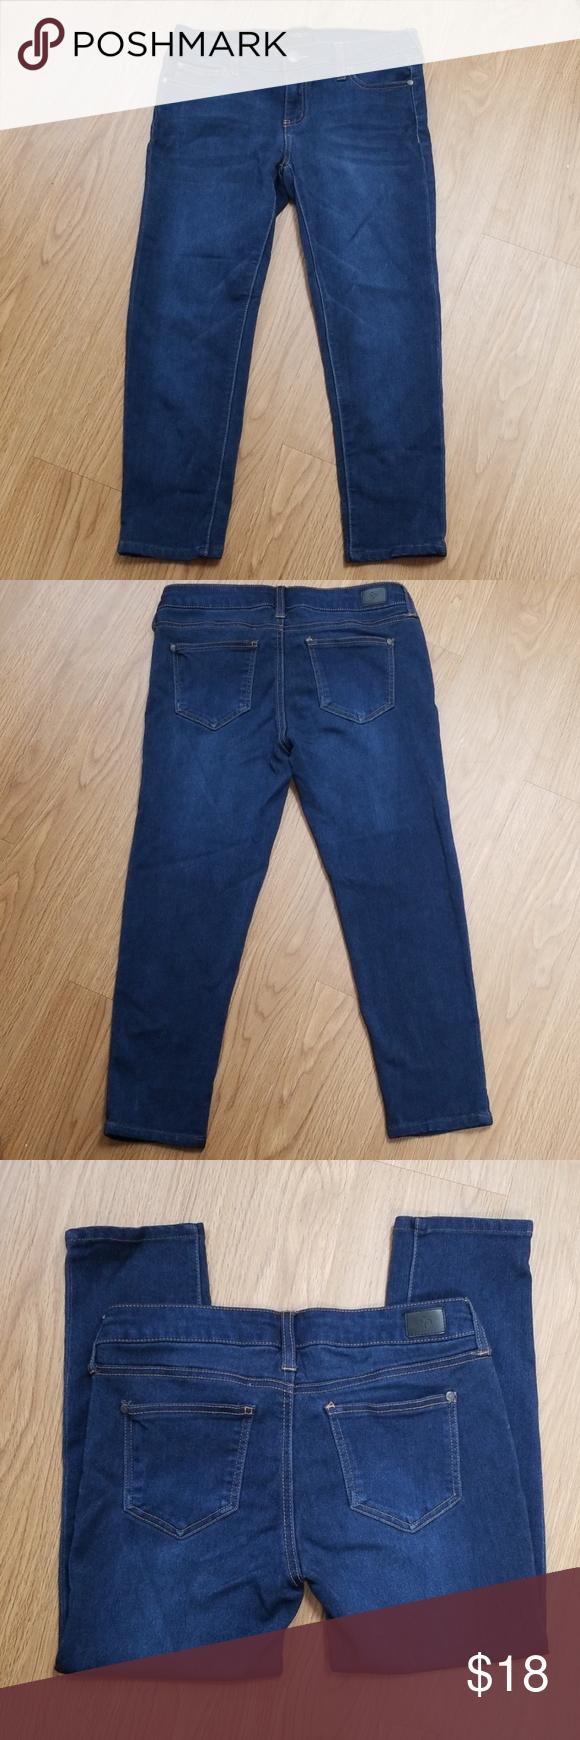 3 Dicas Para Se Vestir Bem 3 Dicas Para Se Vestir Bem Woman Jeans womans jean sizes